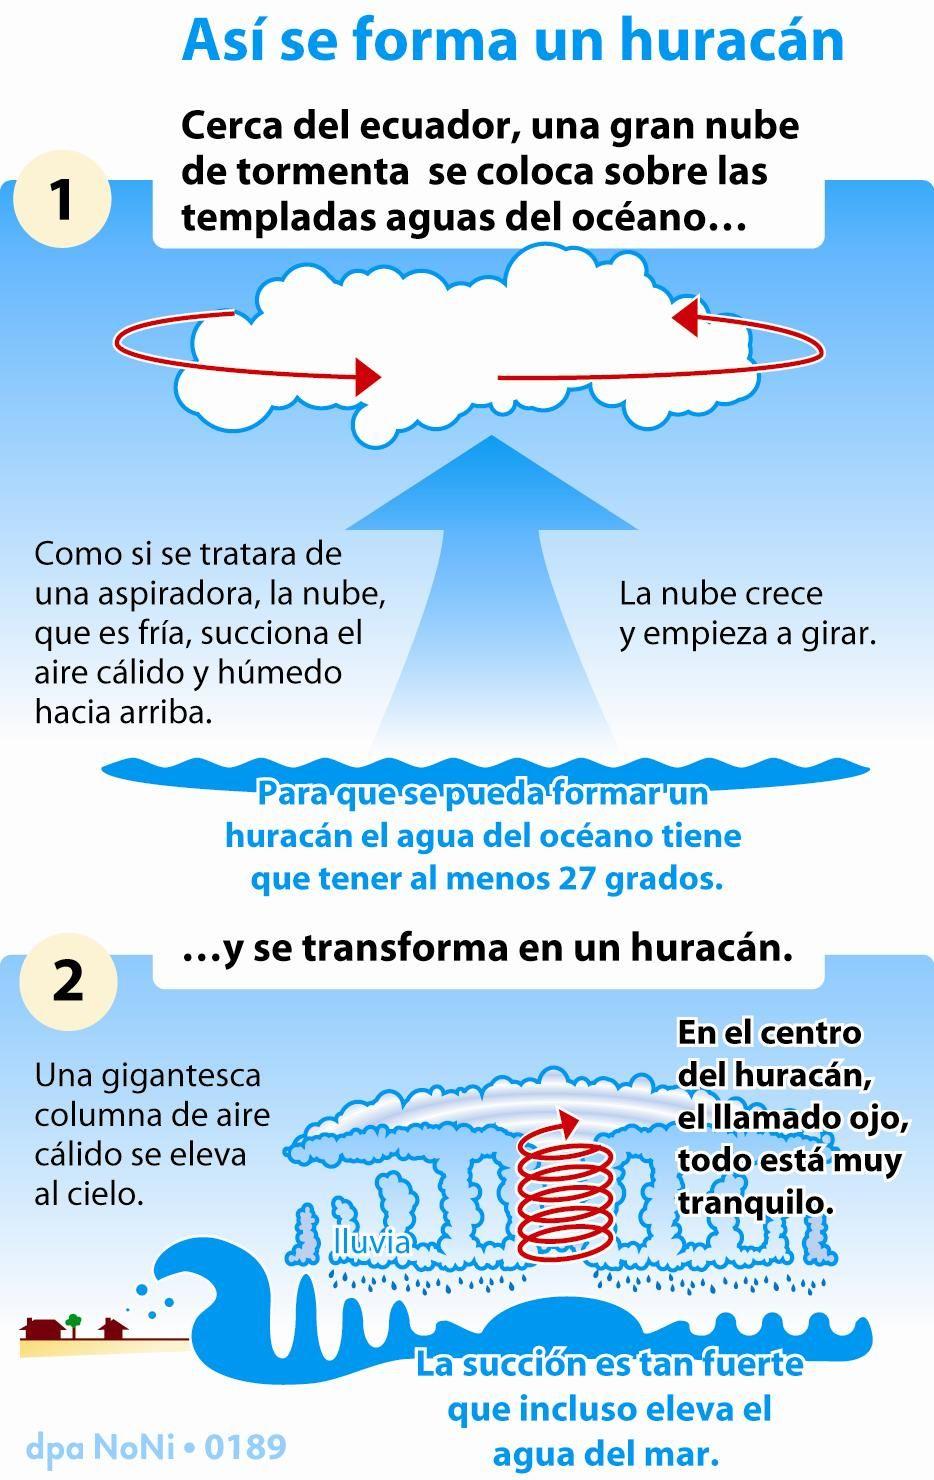 Tornadoshuracc3a1n Formacion Enseñanza De La Geografía Que Es Un Huracan Enseñanza De La Historia